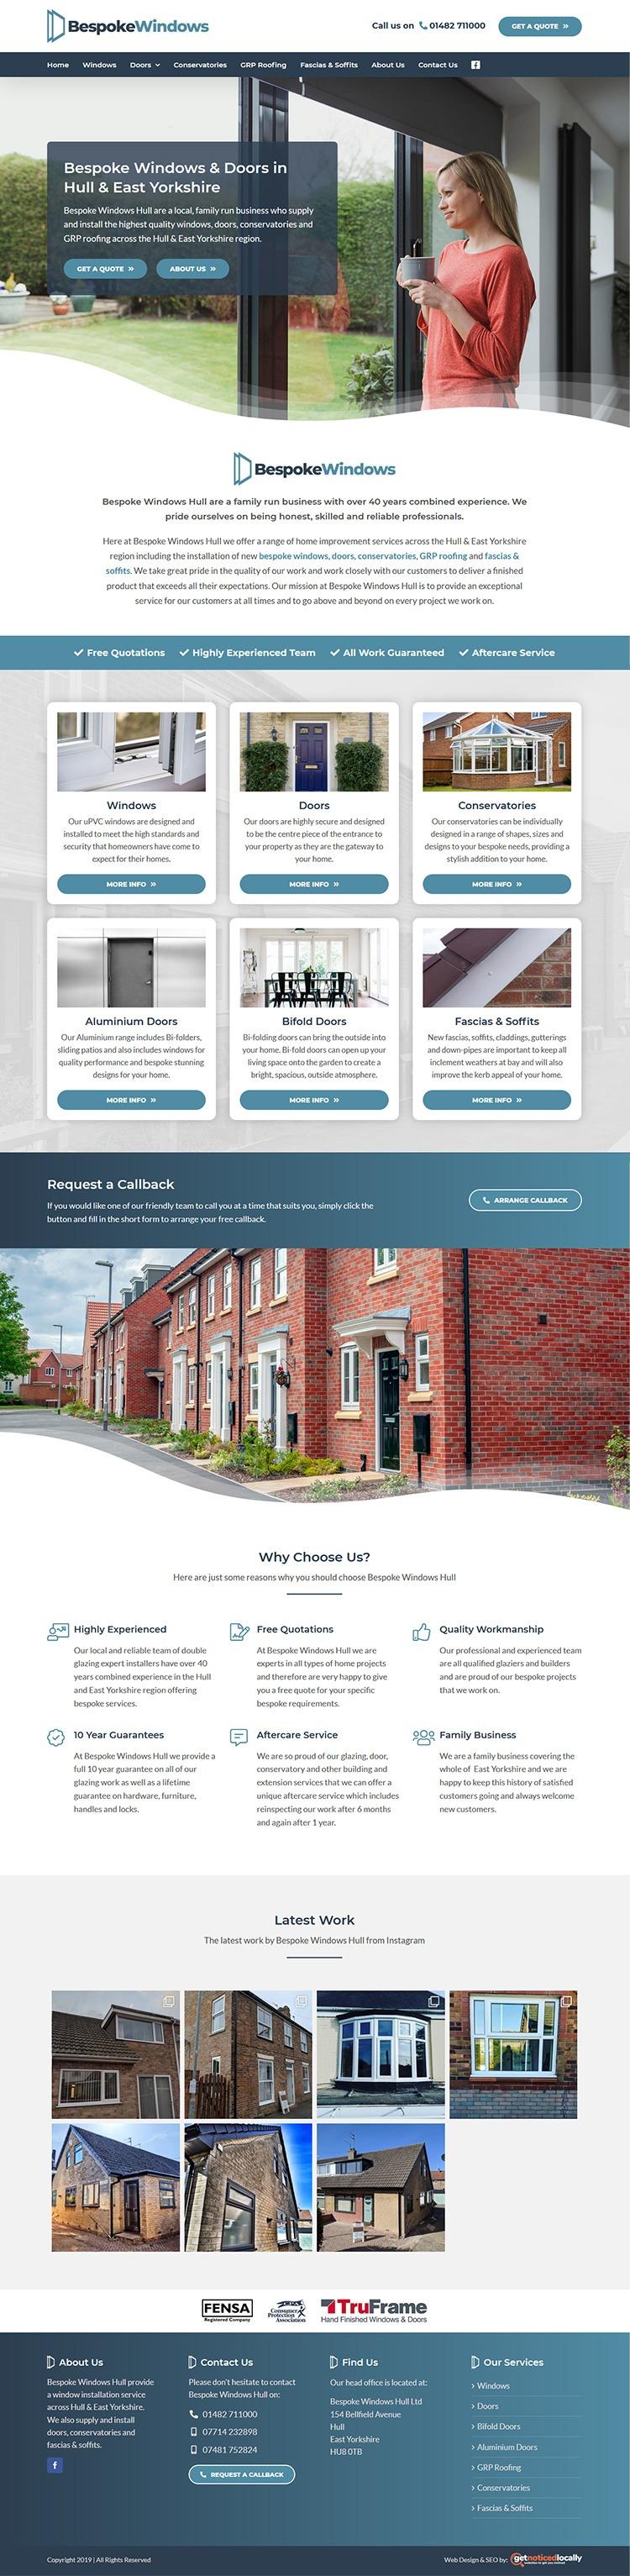 Web Design for Bespoke Windows Hull